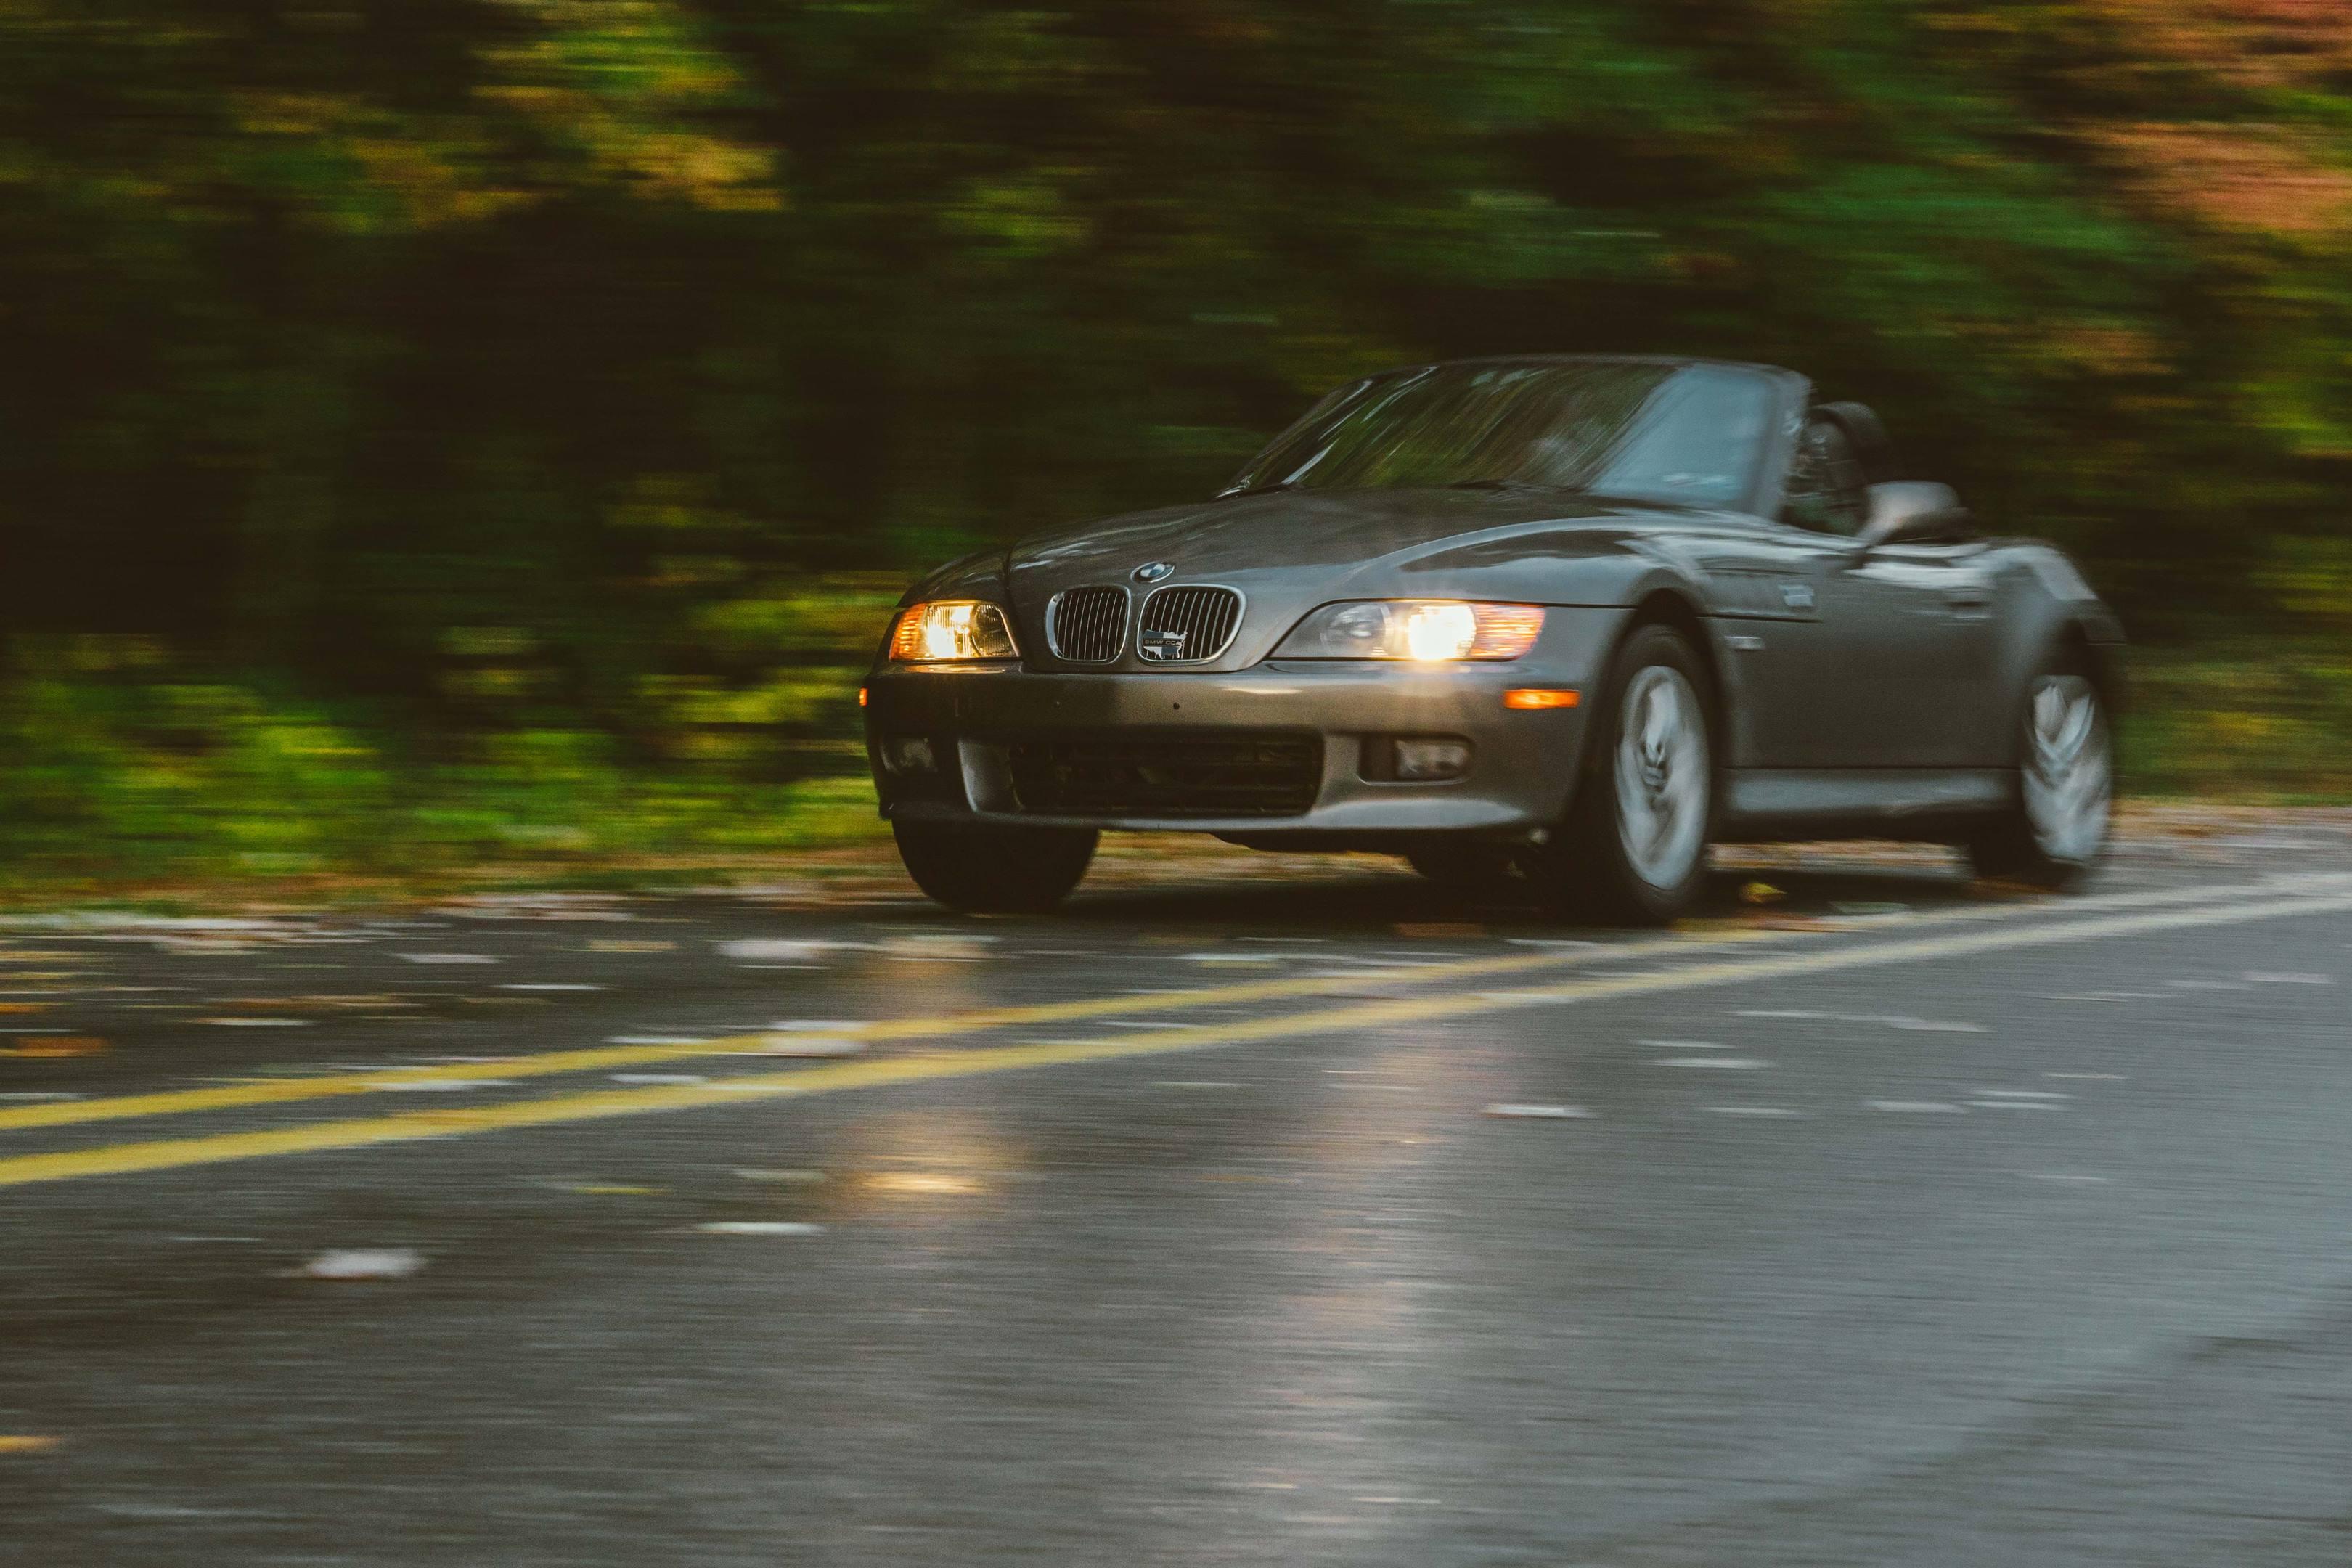 2001 BMW Z3 2.5i driving